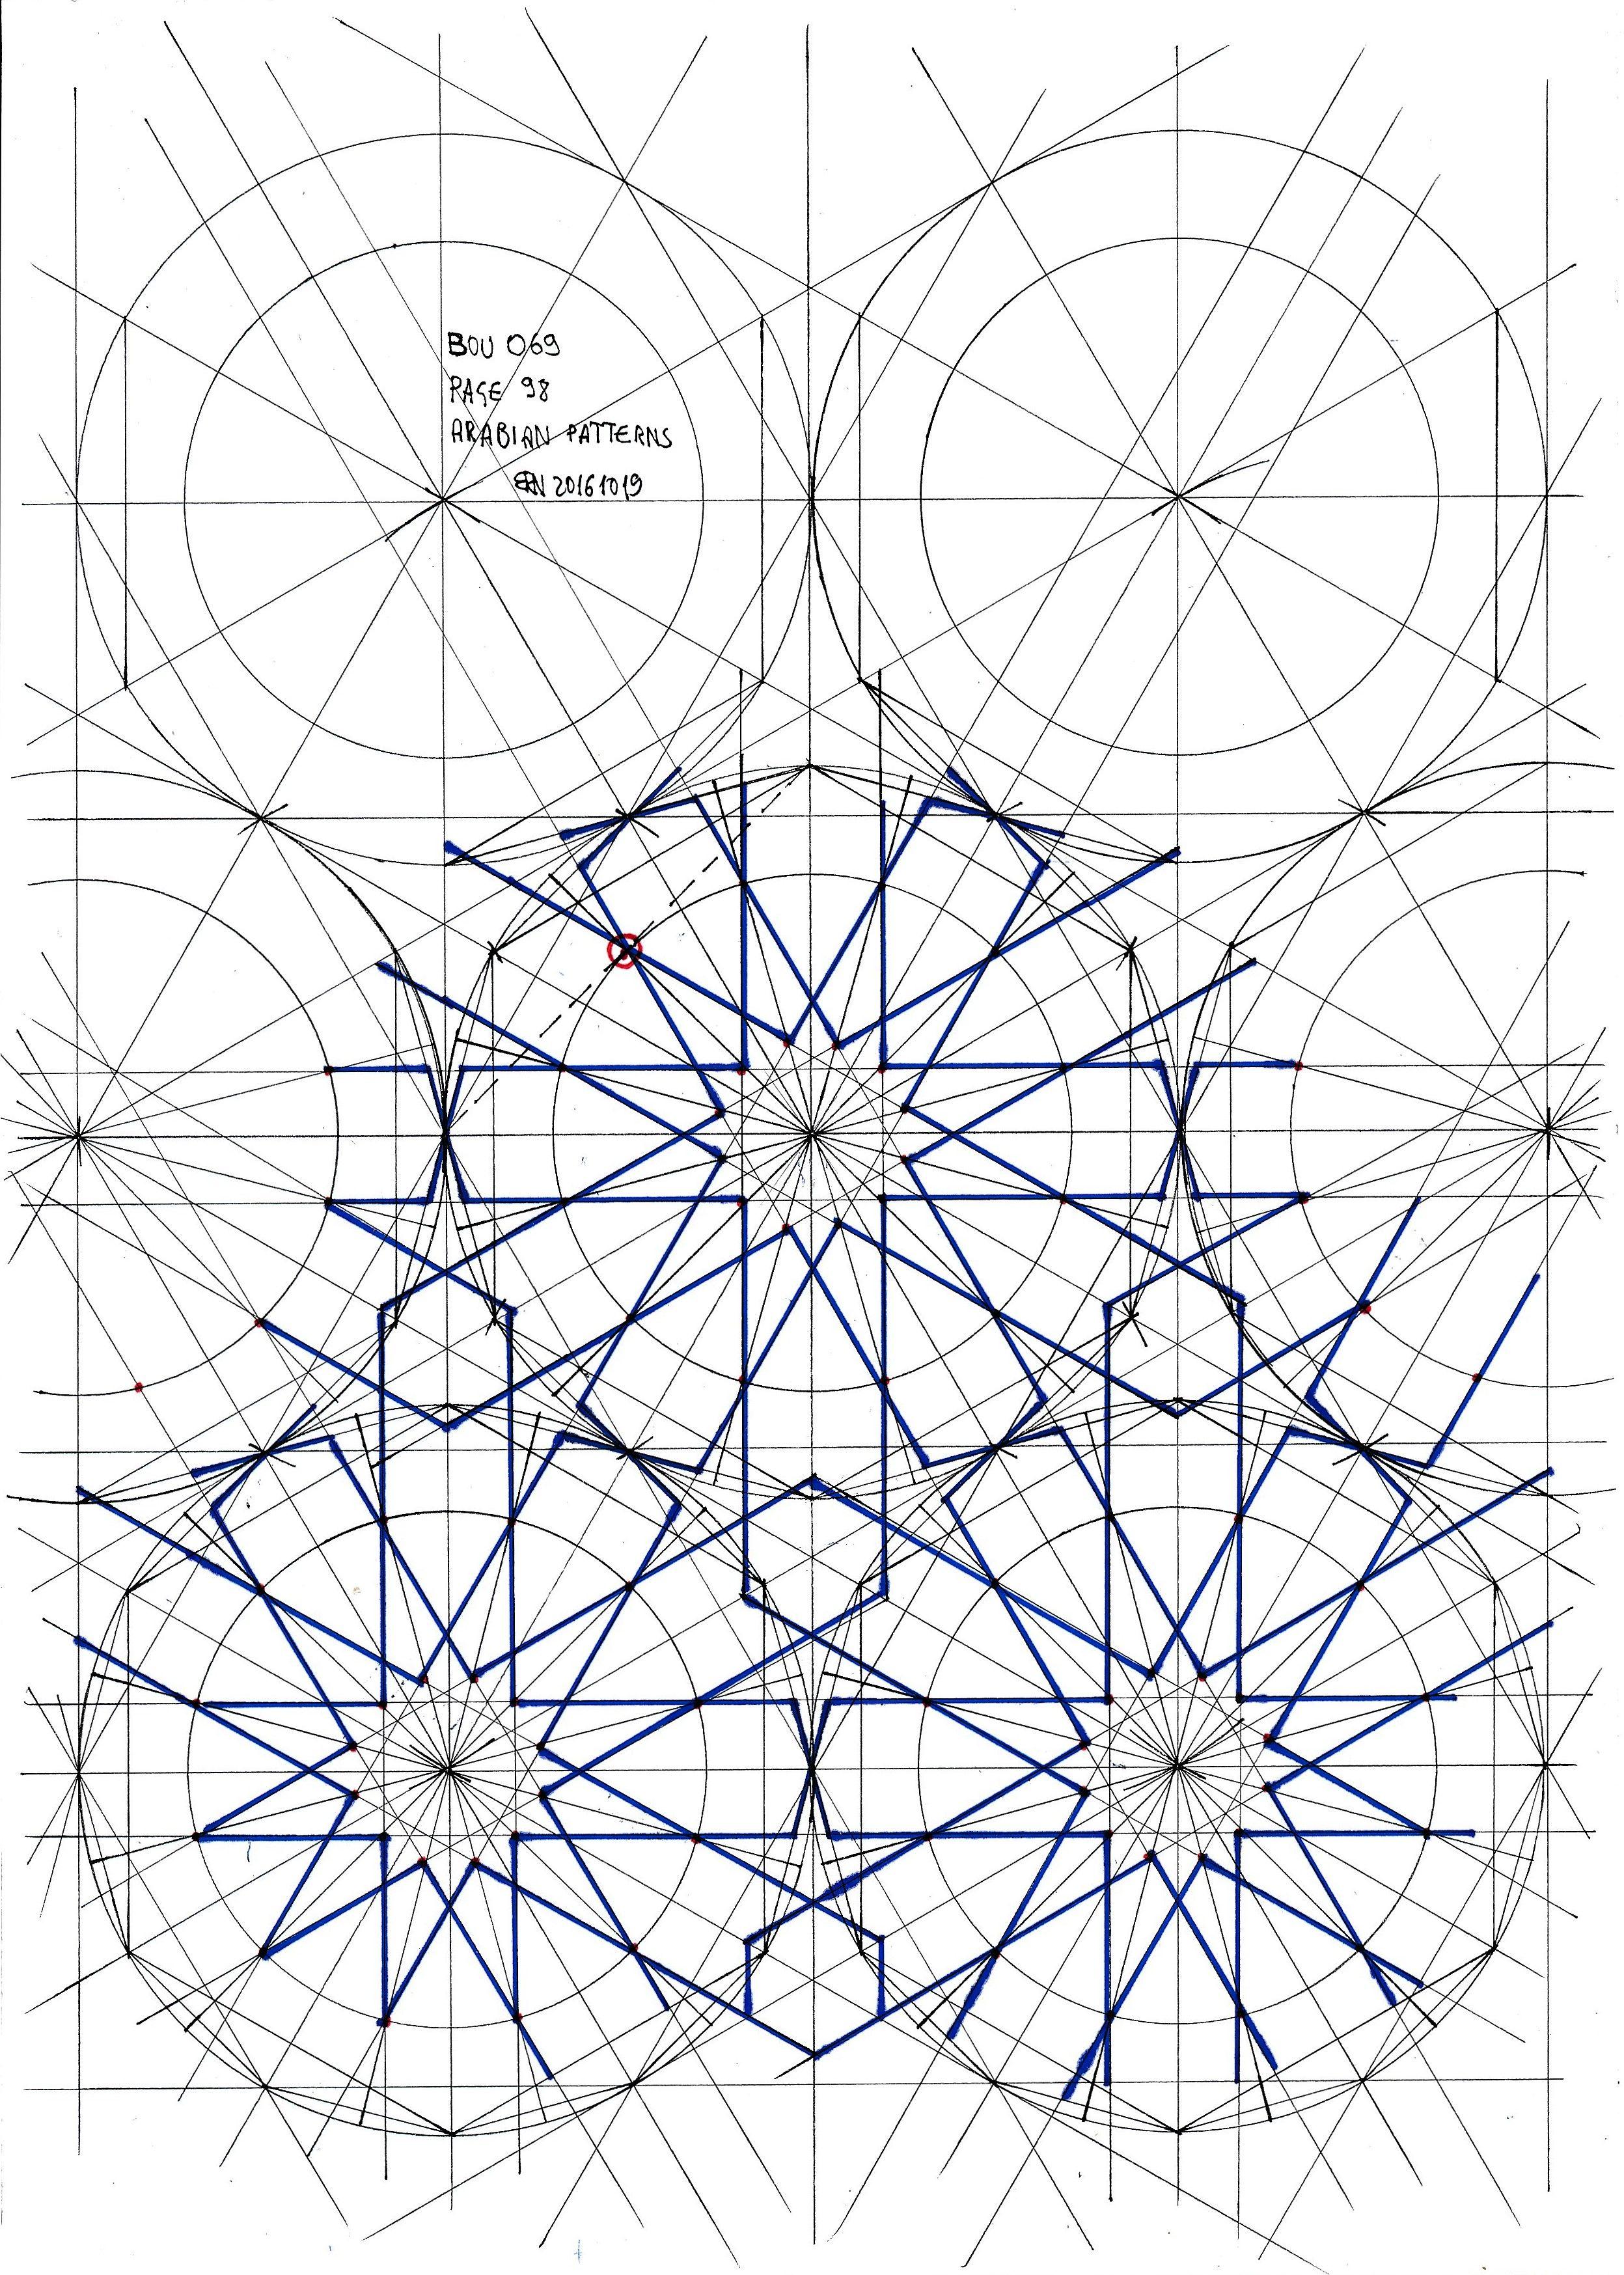 Bou069 Islamicdesign Islamicgeometry Islamicart Geometry Symmetry Pattern Tessellation Mathart Islamic Art Pattern Geometric Drawing Islamic Patterns